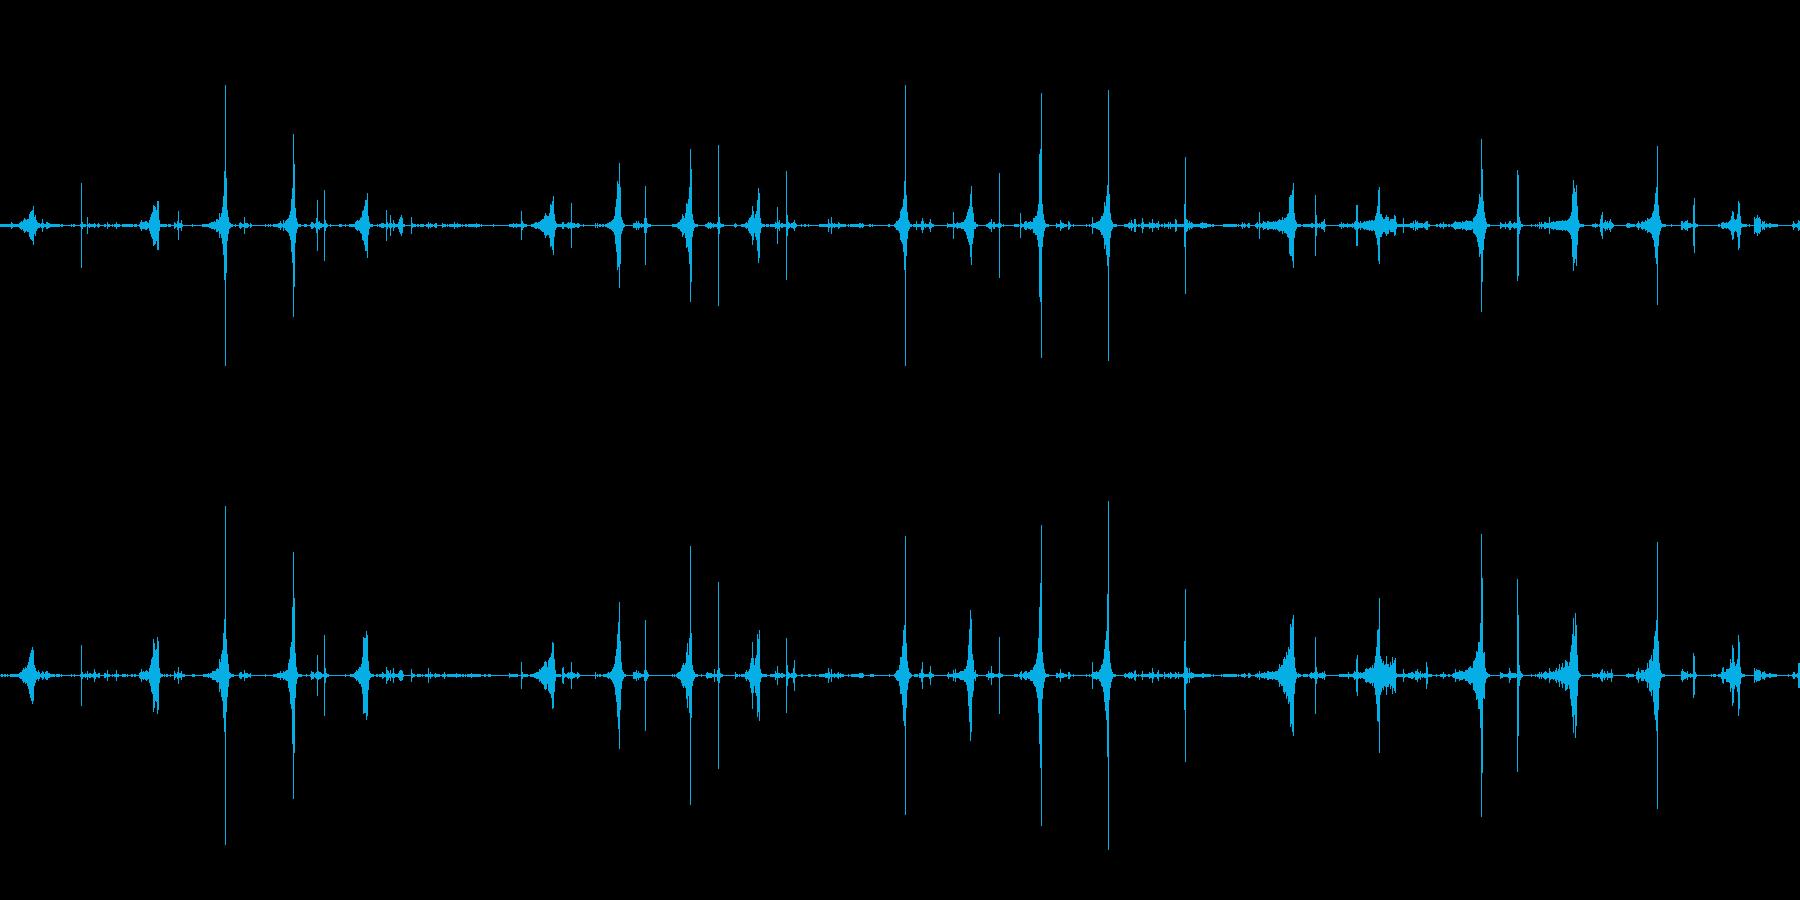 スライムを切るショリショリという音の再生済みの波形